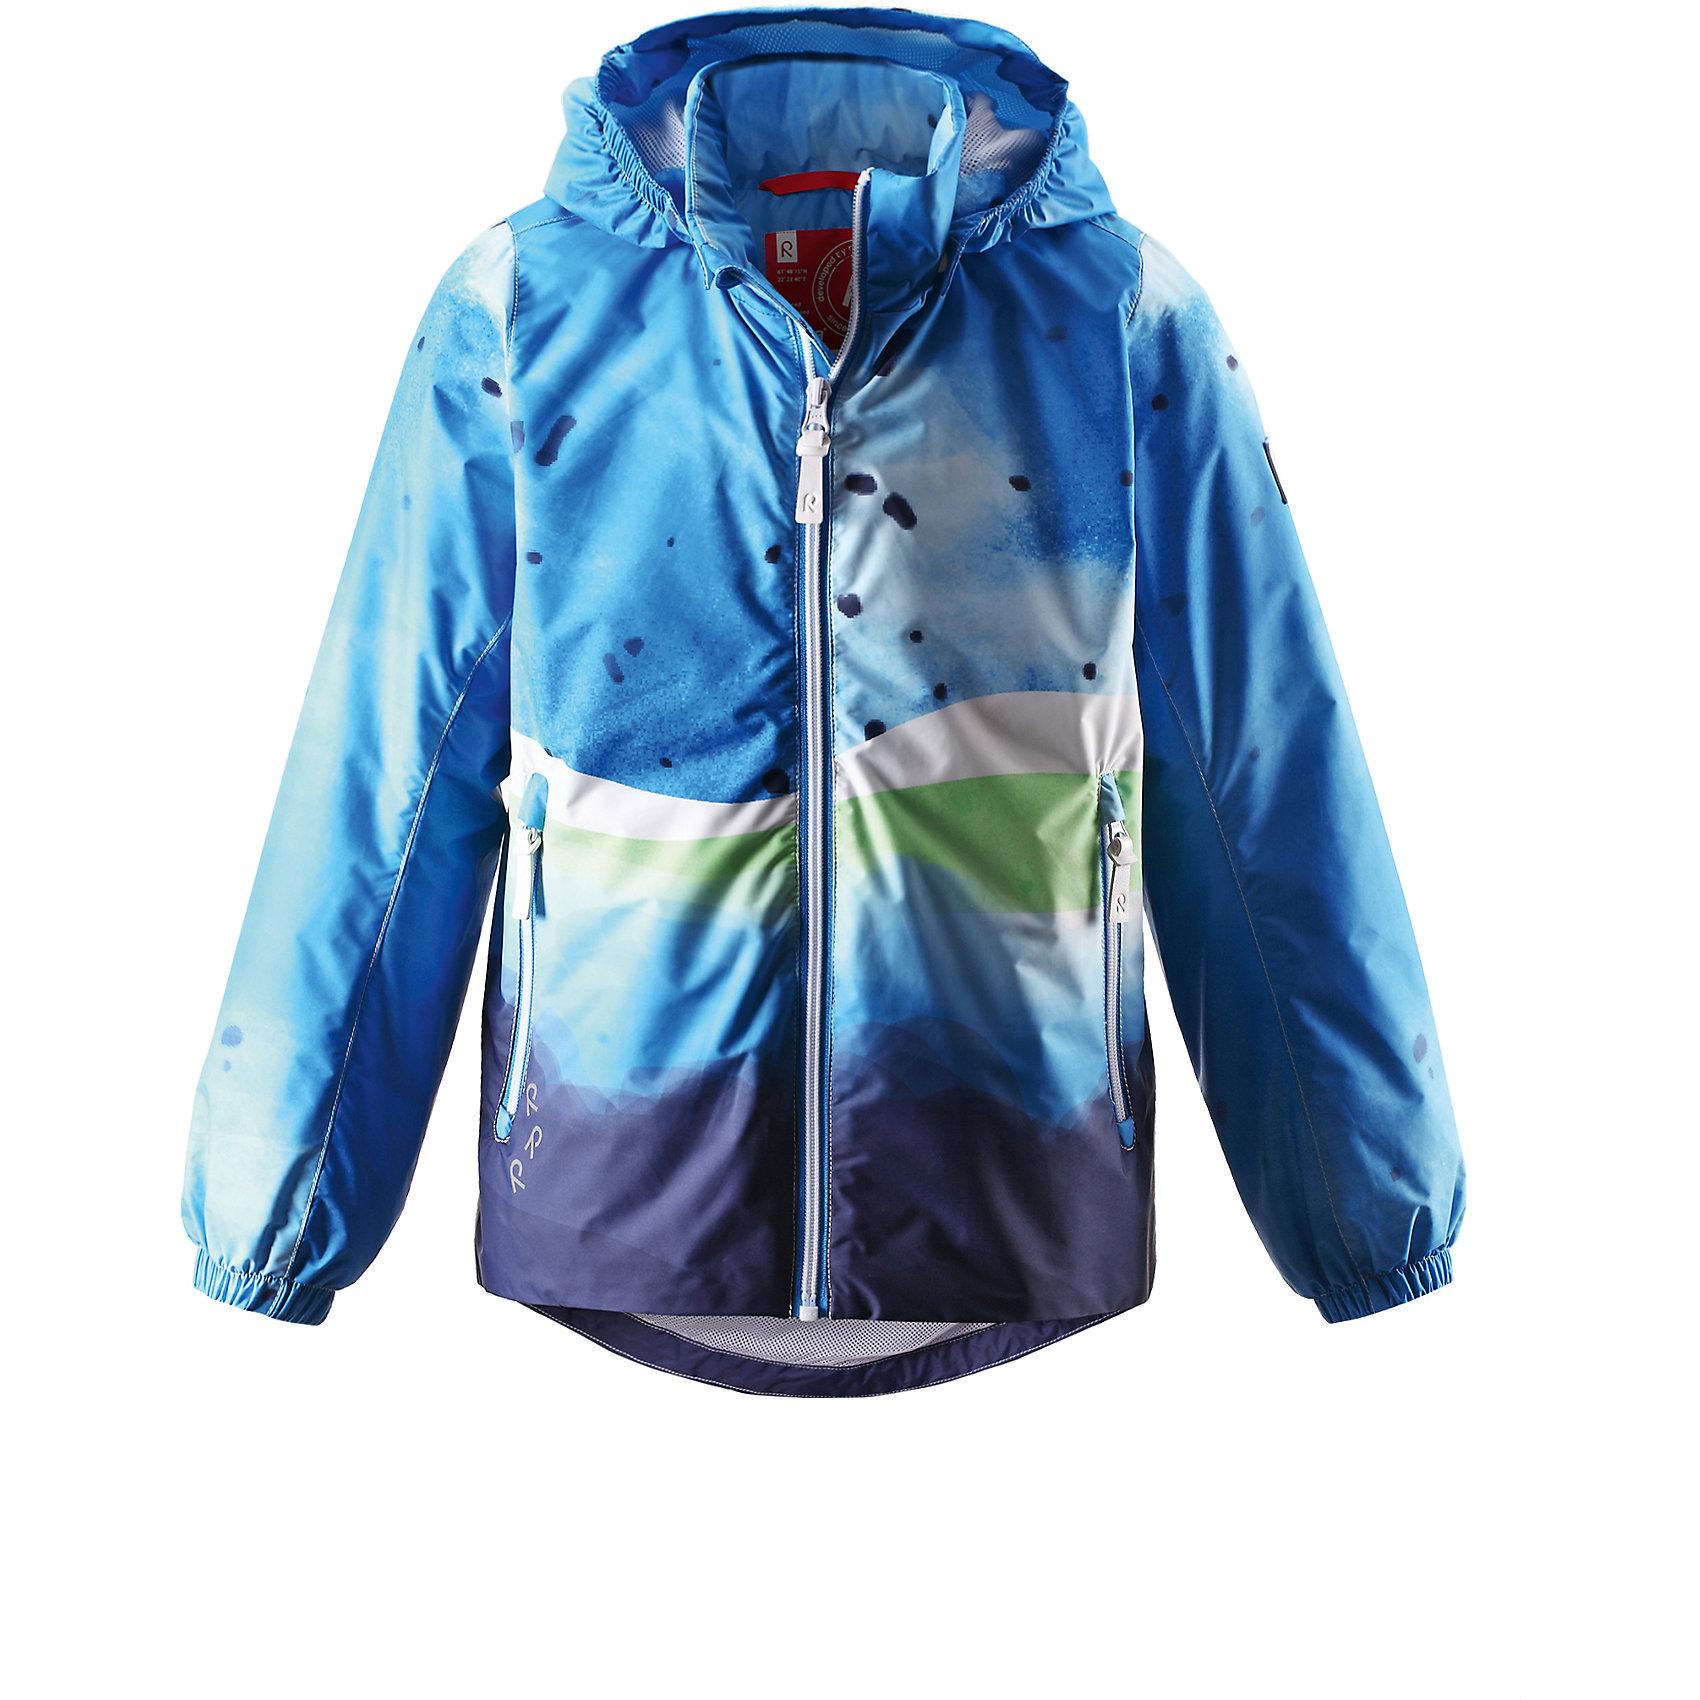 Куртка Liquid для мальчика ReimaОдежда<br>Характеристики товара:<br><br>• цвет: синий<br>• состав: 100% полиэстер, полиуретановое покрытие<br>• температурный режим: от +5С до +15С<br>• без утеплителя<br>• эластичные манжеты<br>• водонепроницаемость: 5000 мм<br>• воздухопроводимость: 3 000 г/м2/24ч<br>• дышащий материал верха<br>• принт<br>• застежка: молния<br>• удлиненная спинка<br>• отстегивающийся капюшон<br>• карманы на молнии<br>• высокий воротник<br>• логотип<br>• комфортная посадка<br>• страна производства: Китай<br>• страна бренда: Финляндия<br><br>Верхняя одежда для детей может быть модной и комфортной одновременно! Демисезонная куртка поможет обеспечить ребенку комфорт и тепло. Она отлично смотрится с различной одеждой и обувью. Изделие удобно сидит и модно выглядит. Материал - прочный, хорошо подходящий для межсезонья. Стильный дизайн разрабатывался специально для детей.<br><br>Одежда и обувь от финского бренда Reima пользуется популярностью во многих странах. Эти изделия стильные, качественные и удобные. Для производства продукции используются только безопасные, проверенные материалы и фурнитура. Порадуйте ребенка модными и красивыми вещами от Reima! <br><br>Куртку Liquid для мальчика от финского бренда Reima (Рейма) можно купить в нашем интернет-магазине.<br><br>Ширина мм: 356<br>Глубина мм: 10<br>Высота мм: 245<br>Вес г: 519<br>Цвет: синий<br>Возраст от месяцев: 108<br>Возраст до месяцев: 120<br>Пол: Унисекс<br>Возраст: Детский<br>Размер: 140,134,128<br>SKU: 5415573